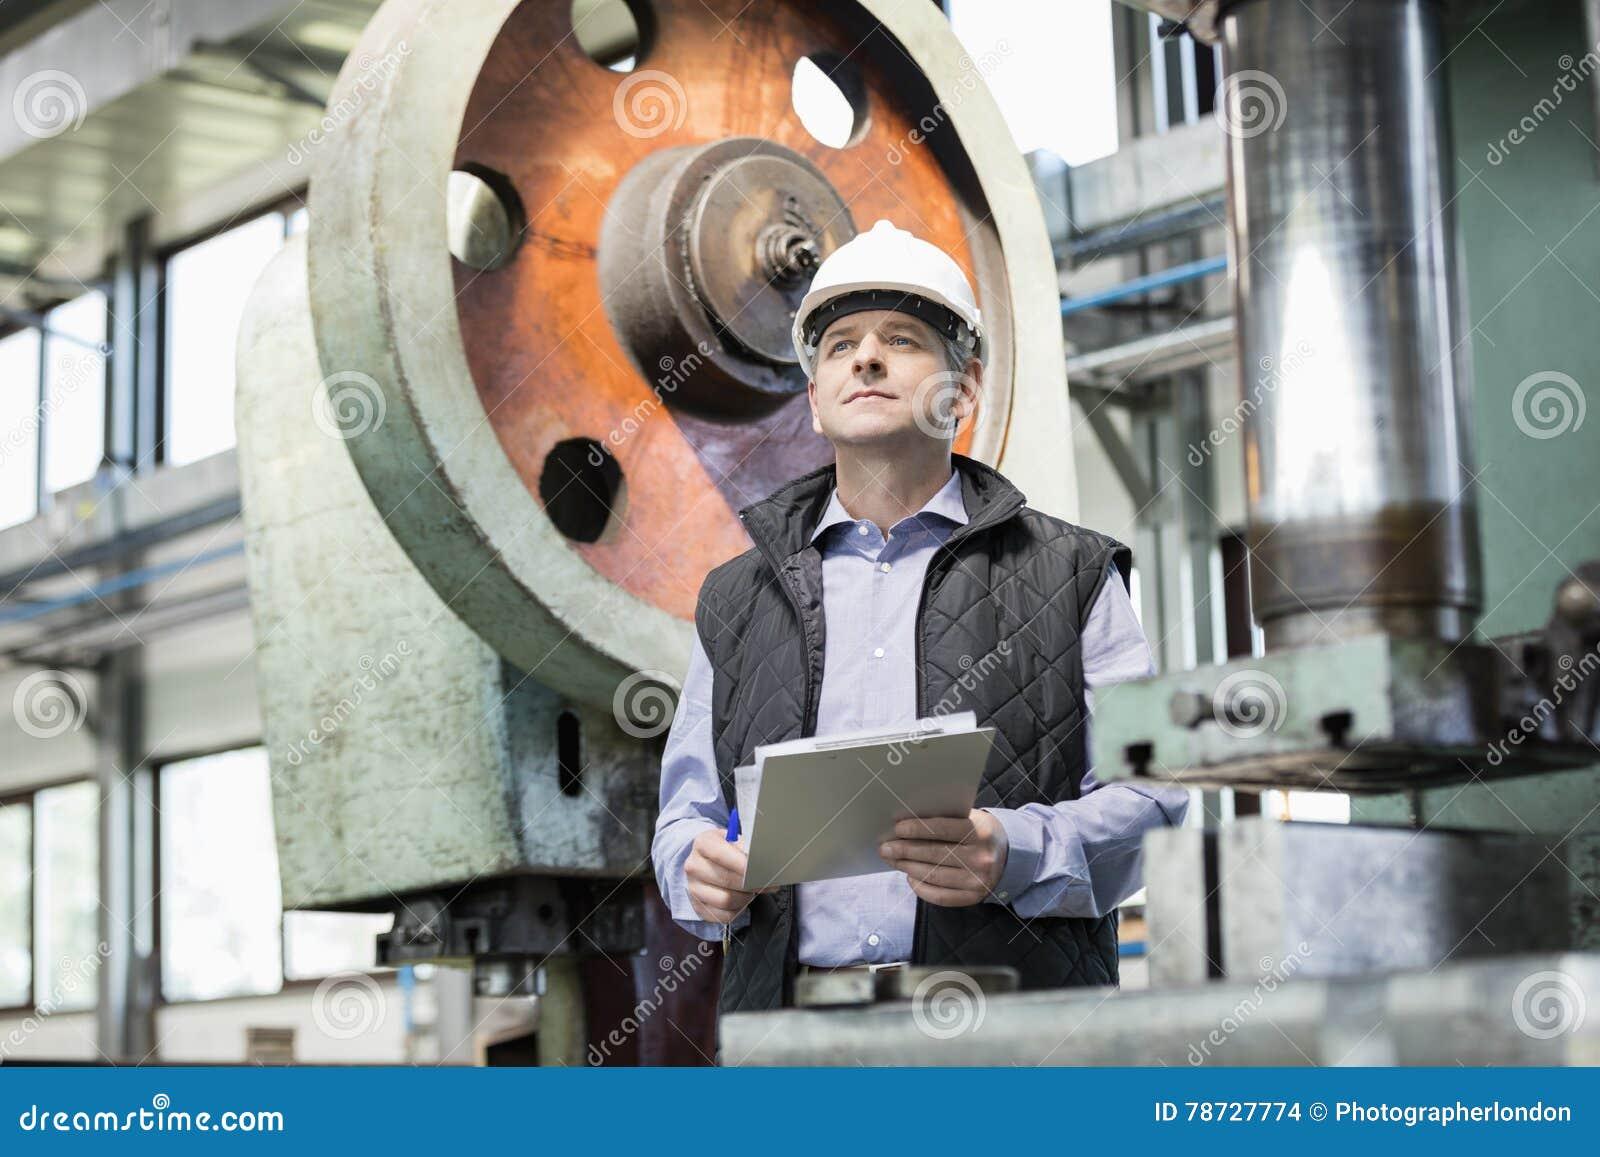 Hållande skrivplatta för manlig arbetsledare i metallbransch